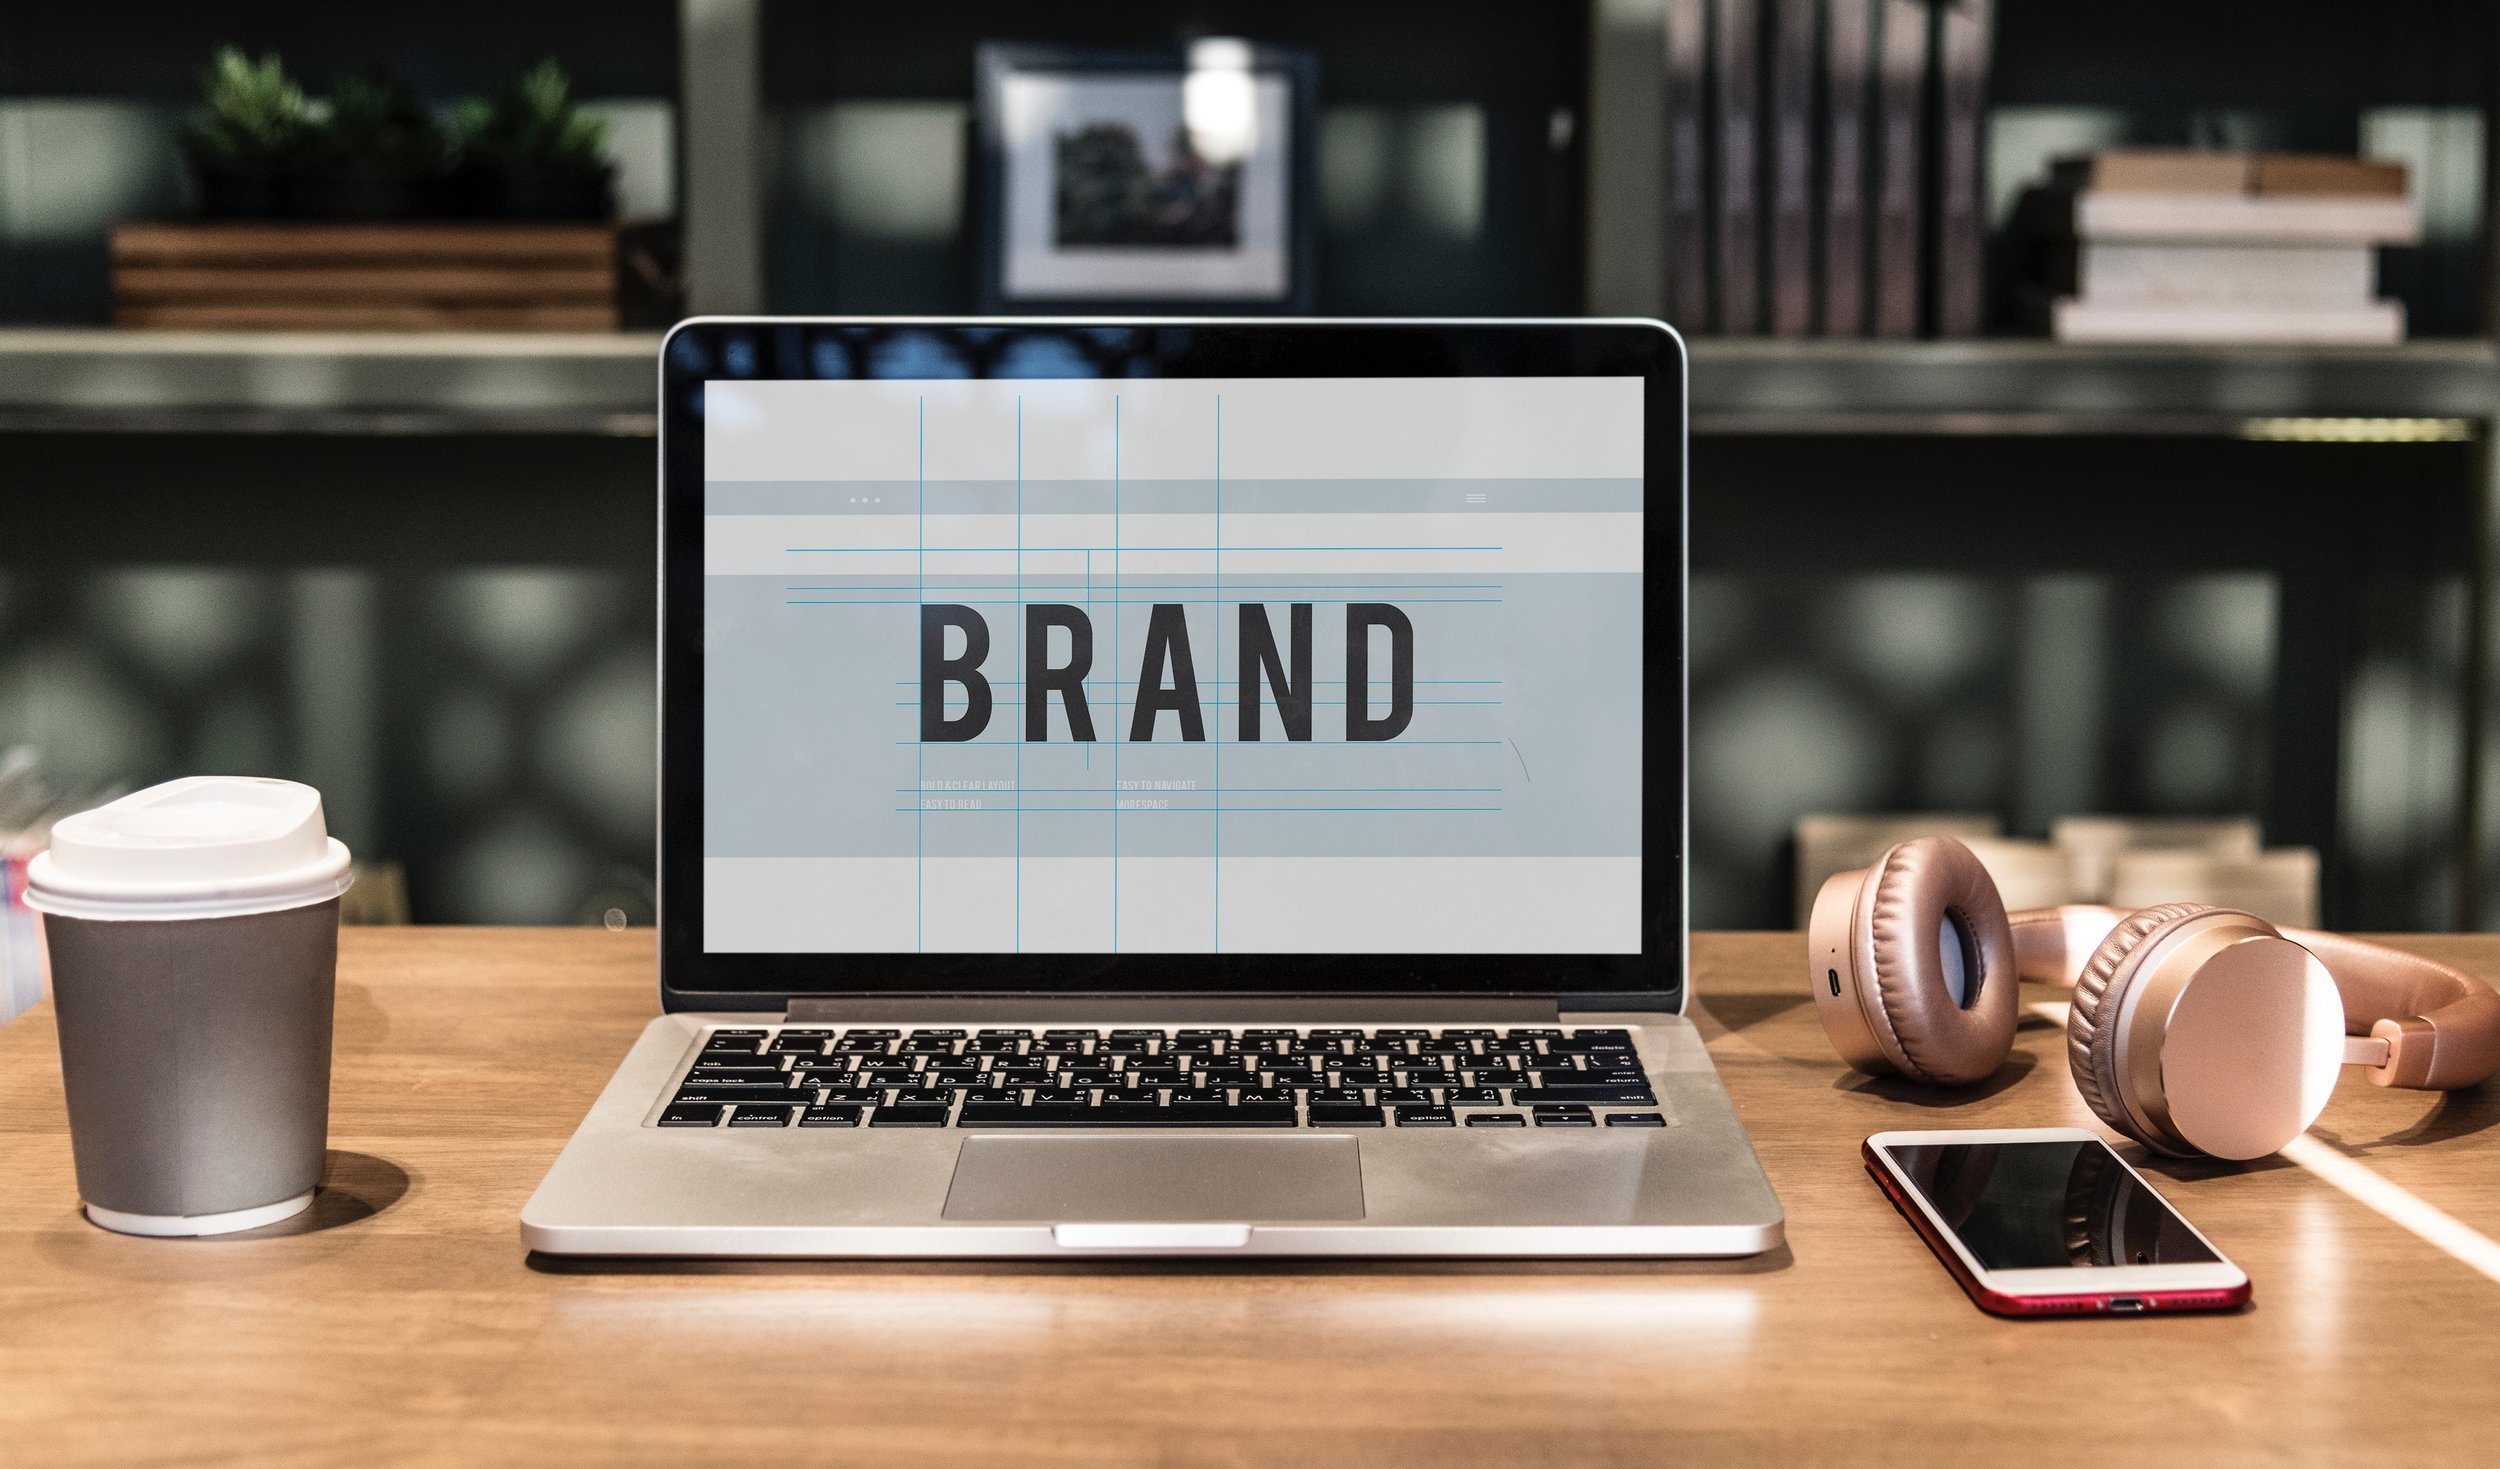 advertising-brand-branding-1449081.jpg